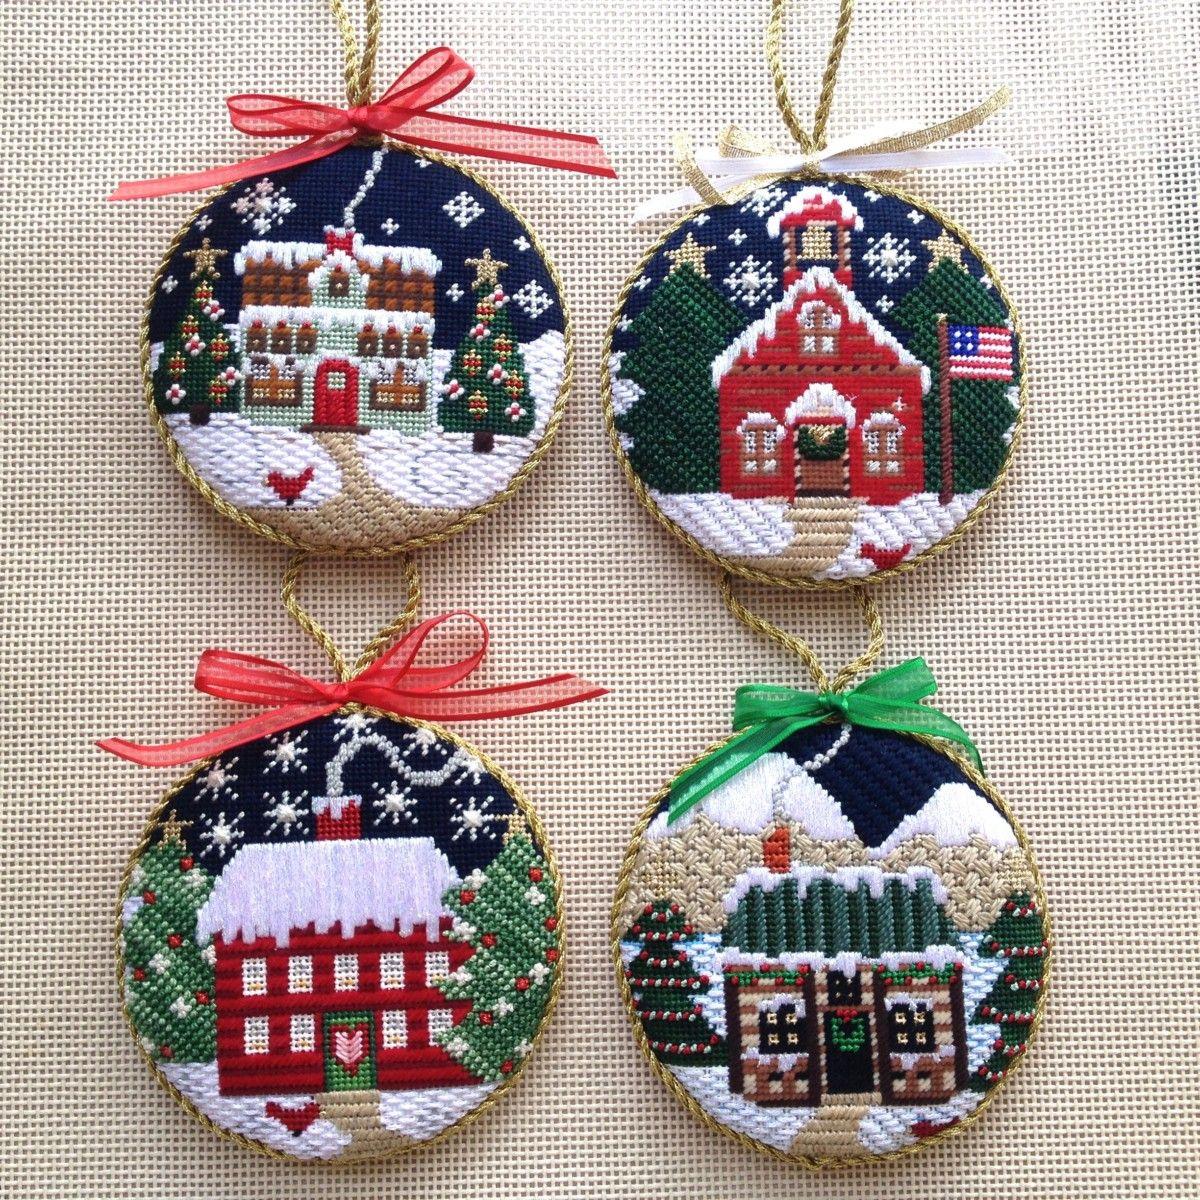 Finished Ornaments Plus More Needlepoint Needlepoint Stockings